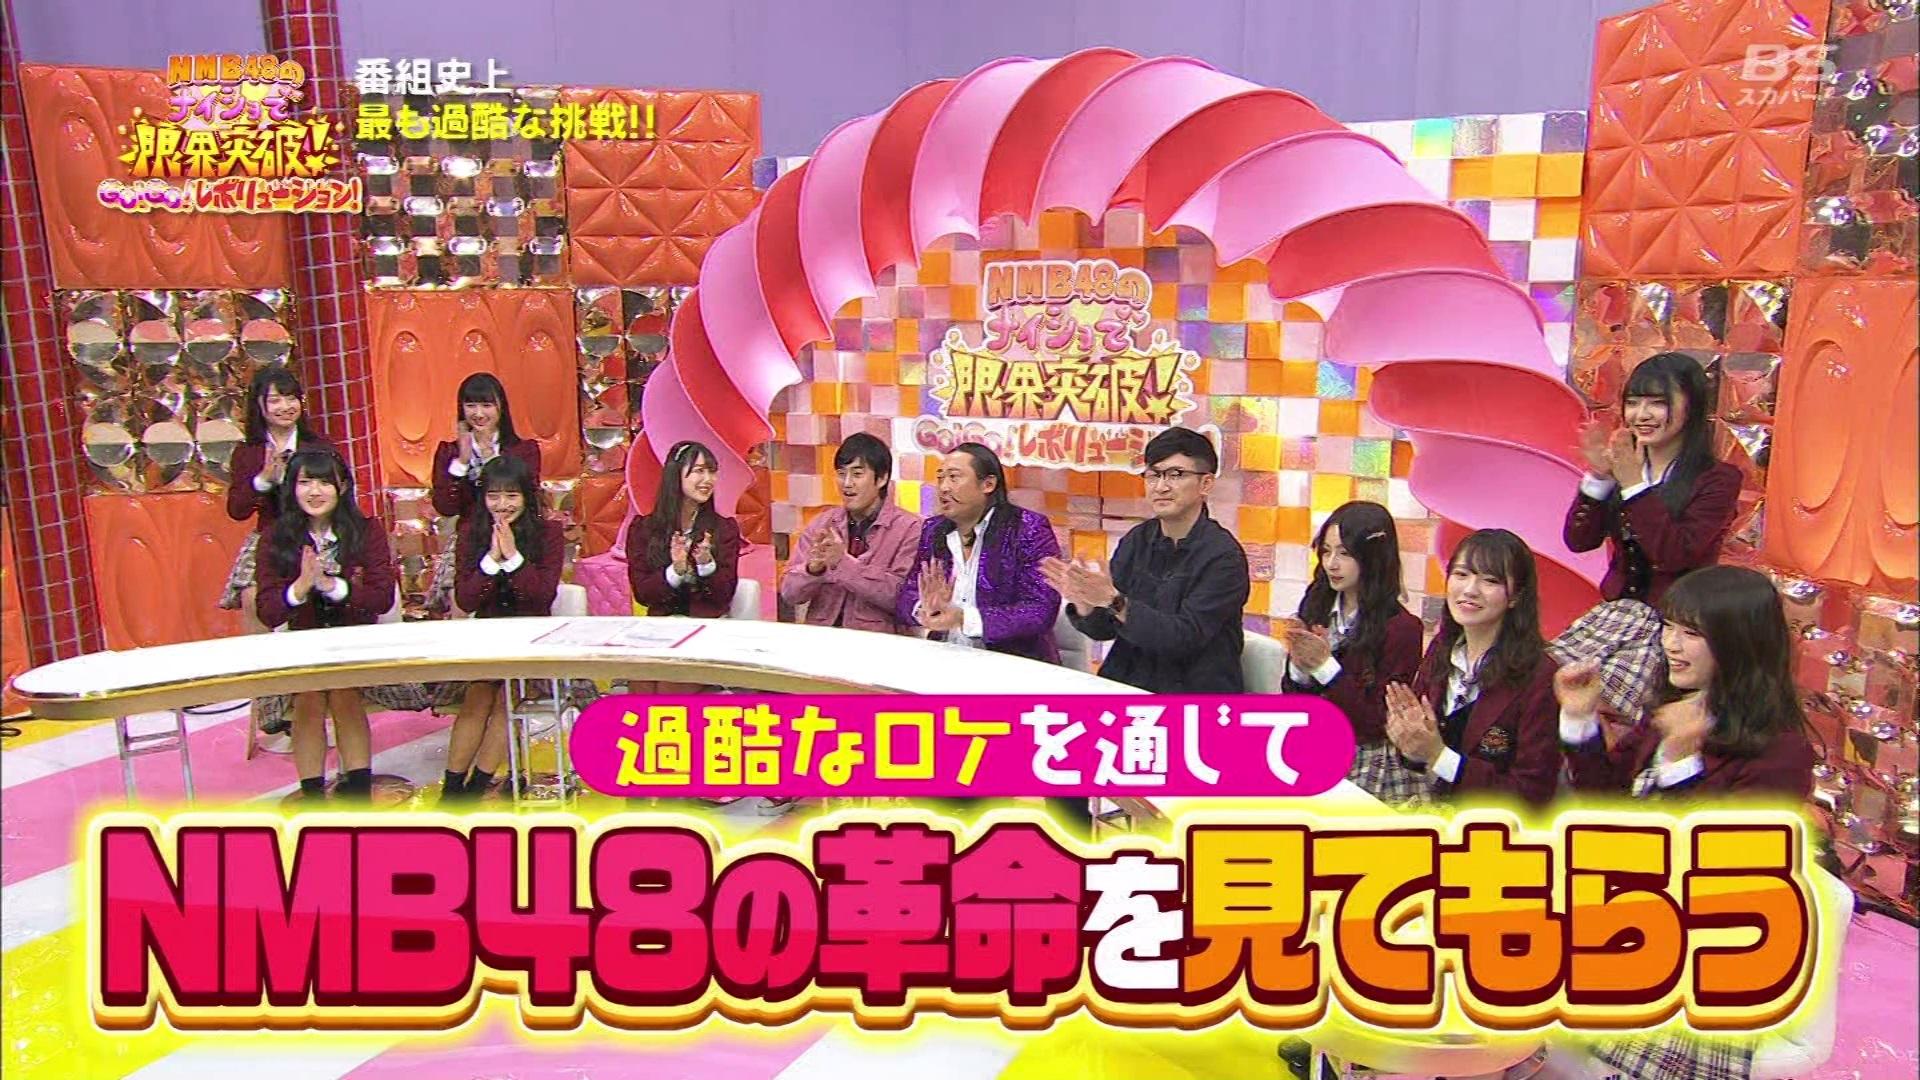 【NMB48】BSスカパー! NMB48のナイショで限界突破!GO!GO!レボリューション・オープニングからさや姉のメッセージまでのキャプ画像。